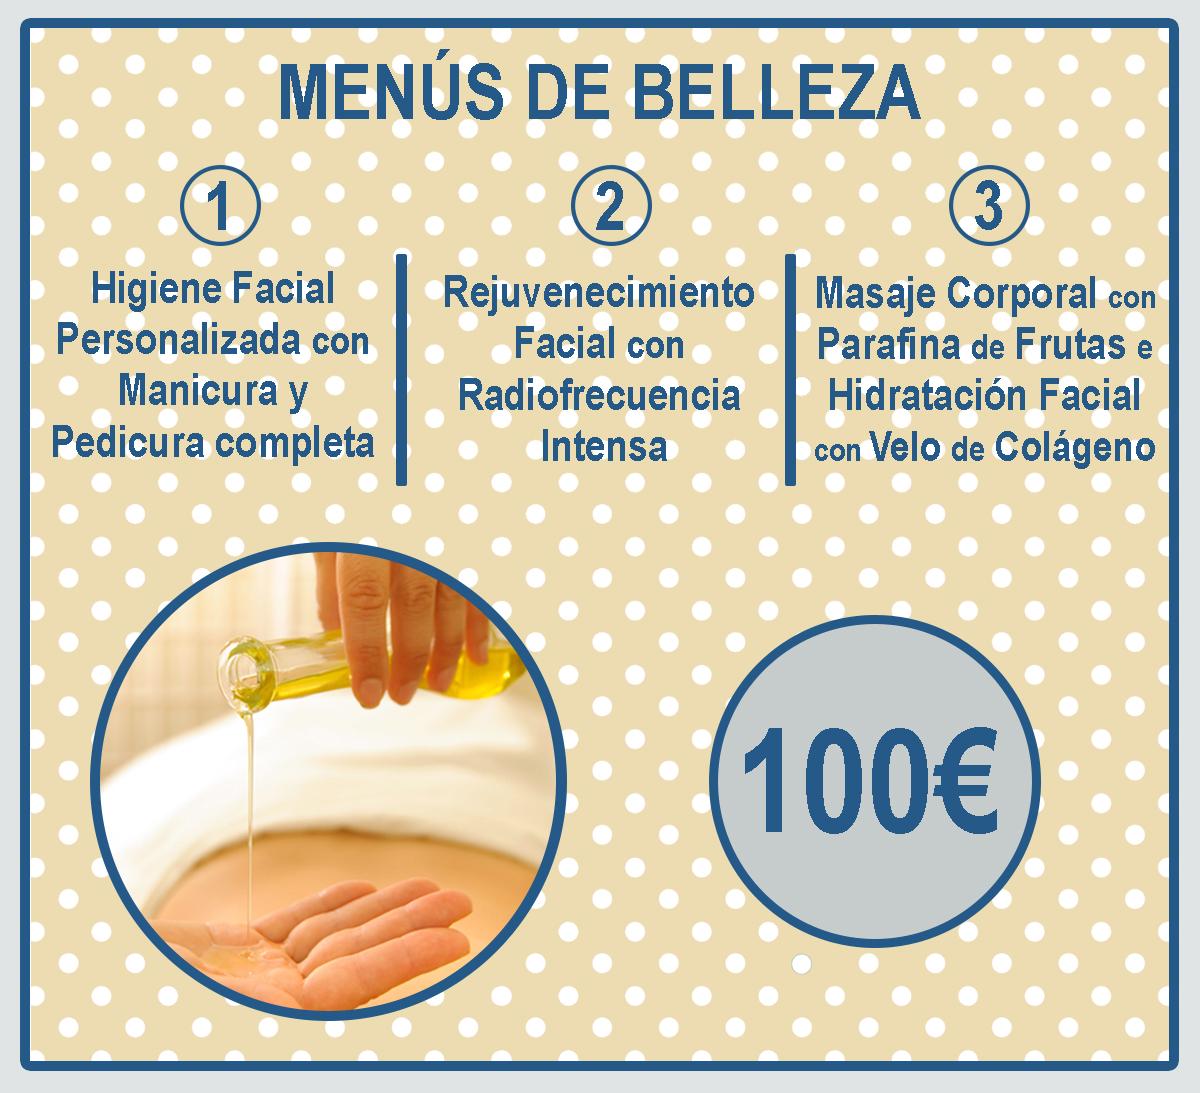 MENU DE BELLEZA